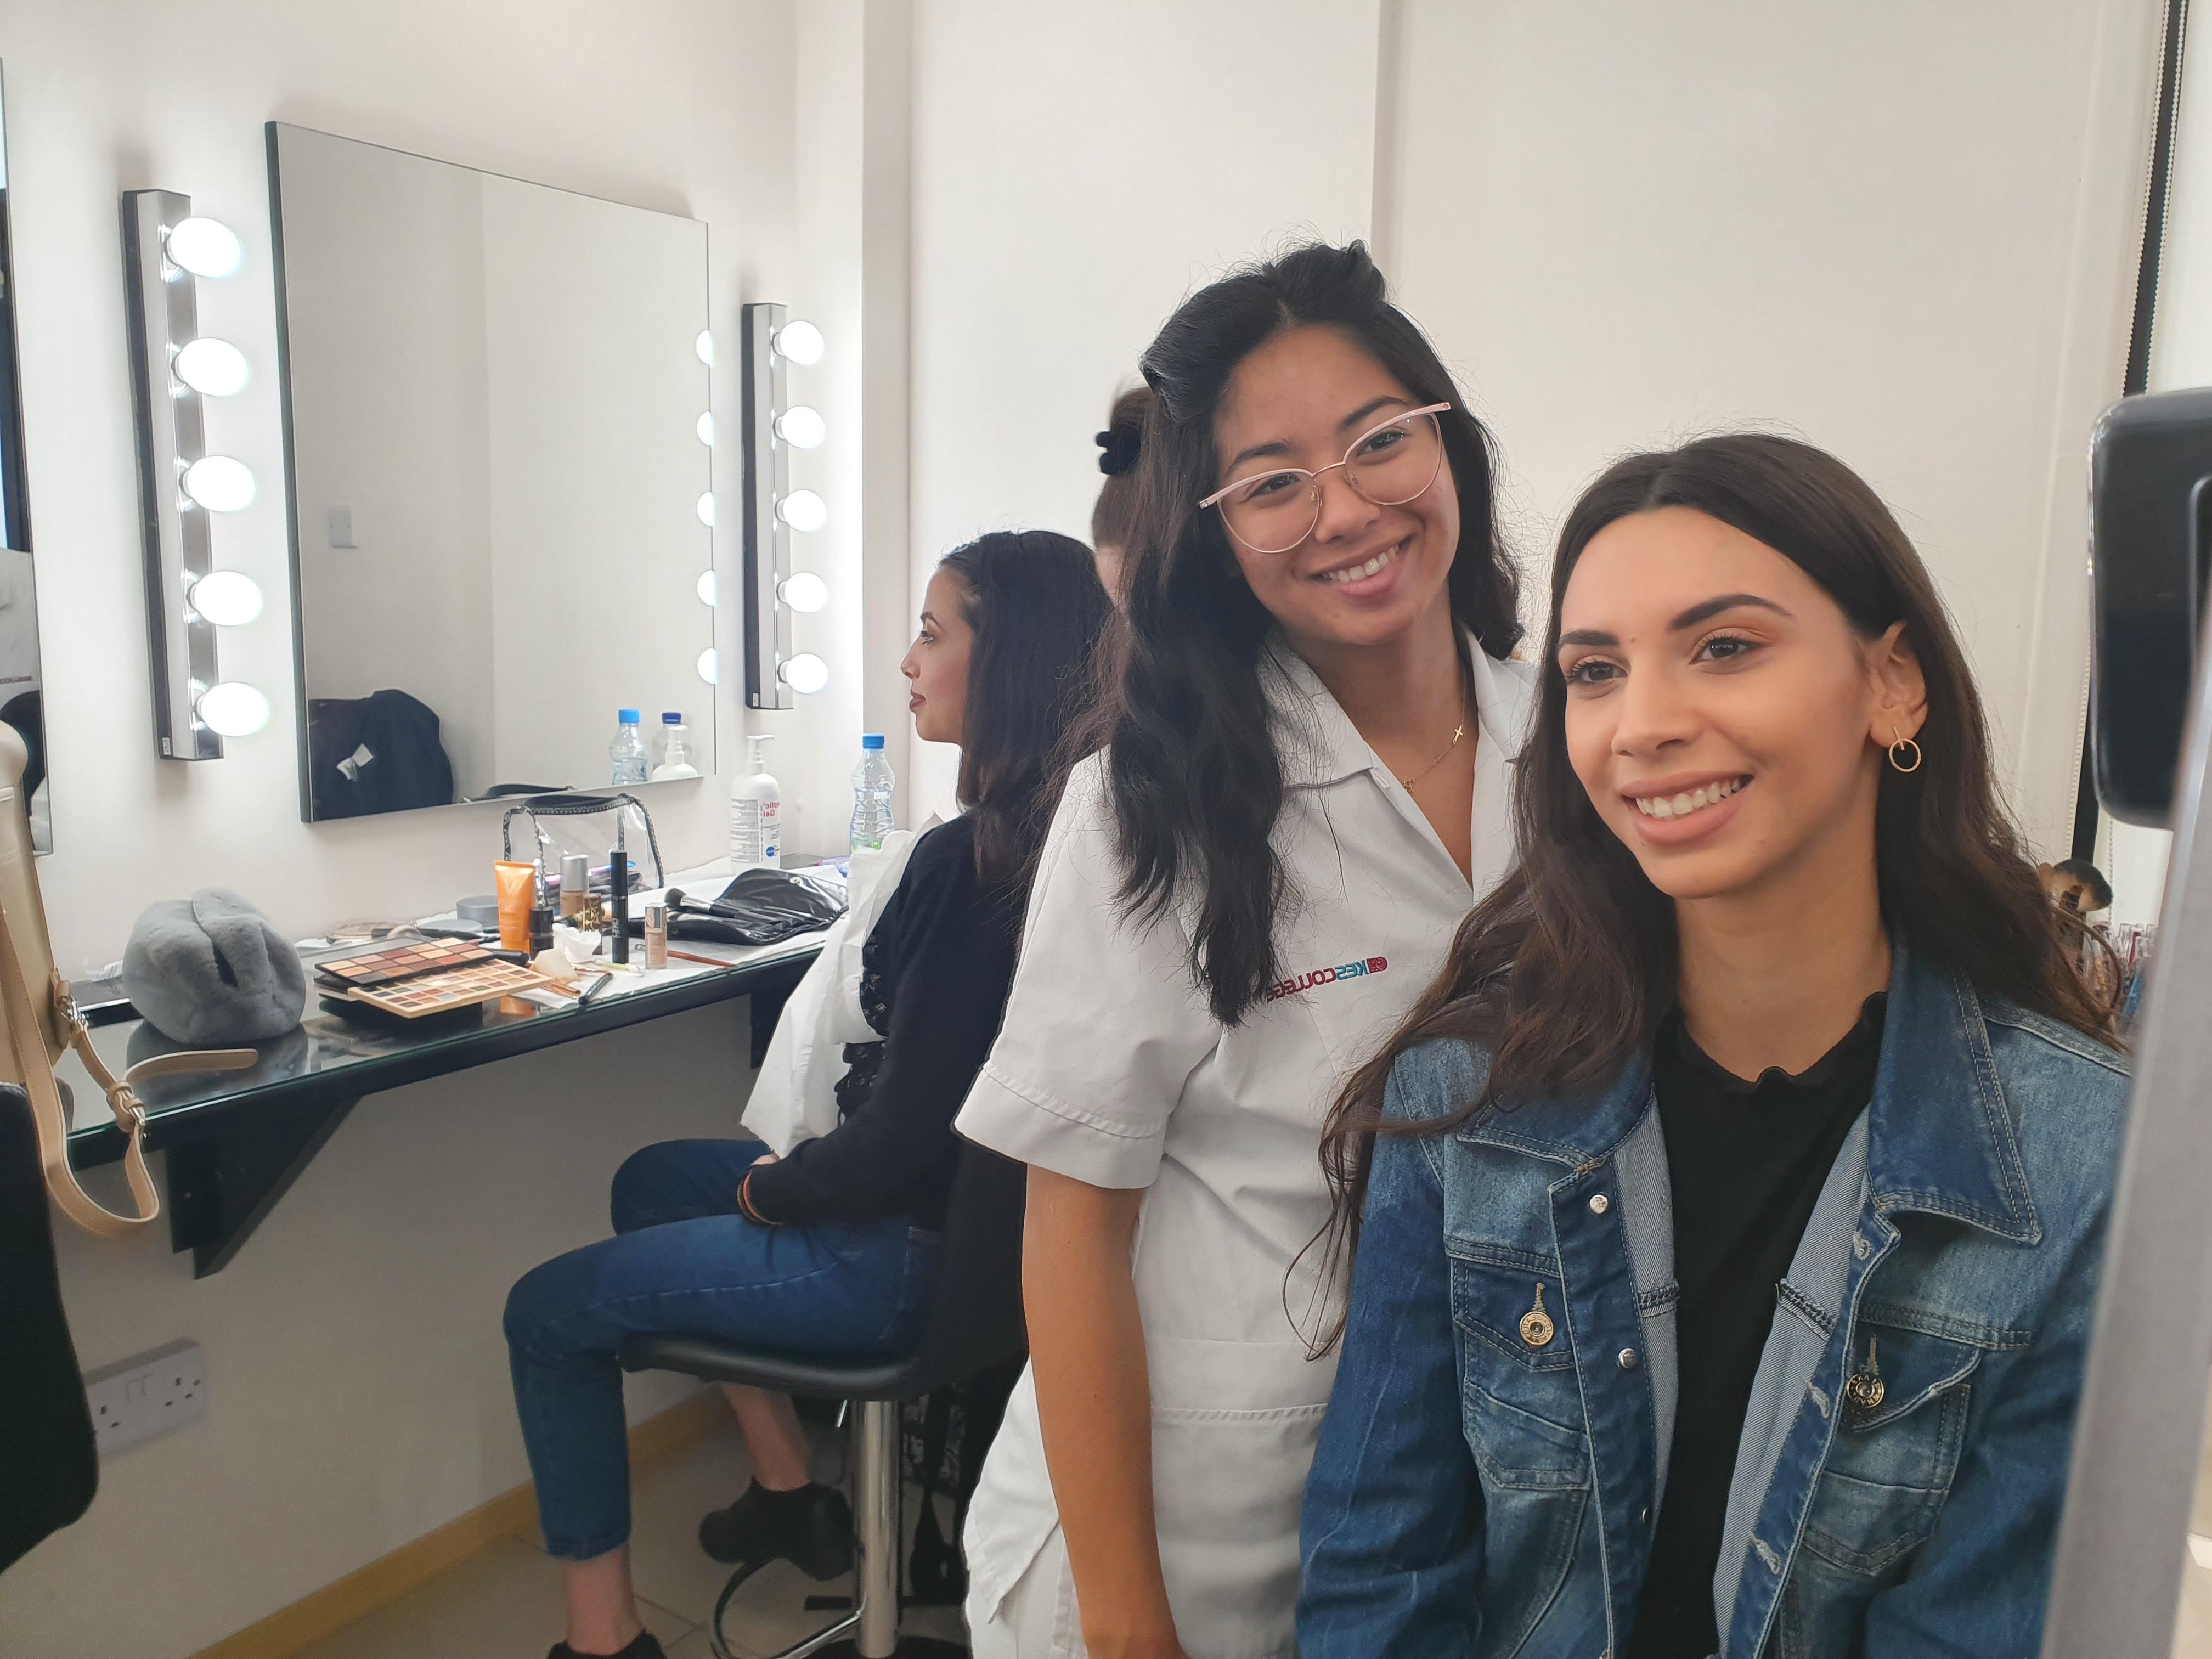 Πρωτοποριακό Σεμινάριο Επαγγελματικής Εμφάνισης στις φοιτήτριες του Προγράμματος Σπουδών Διοίκησης Γραφείου και Γραμματειακών Σπουδών